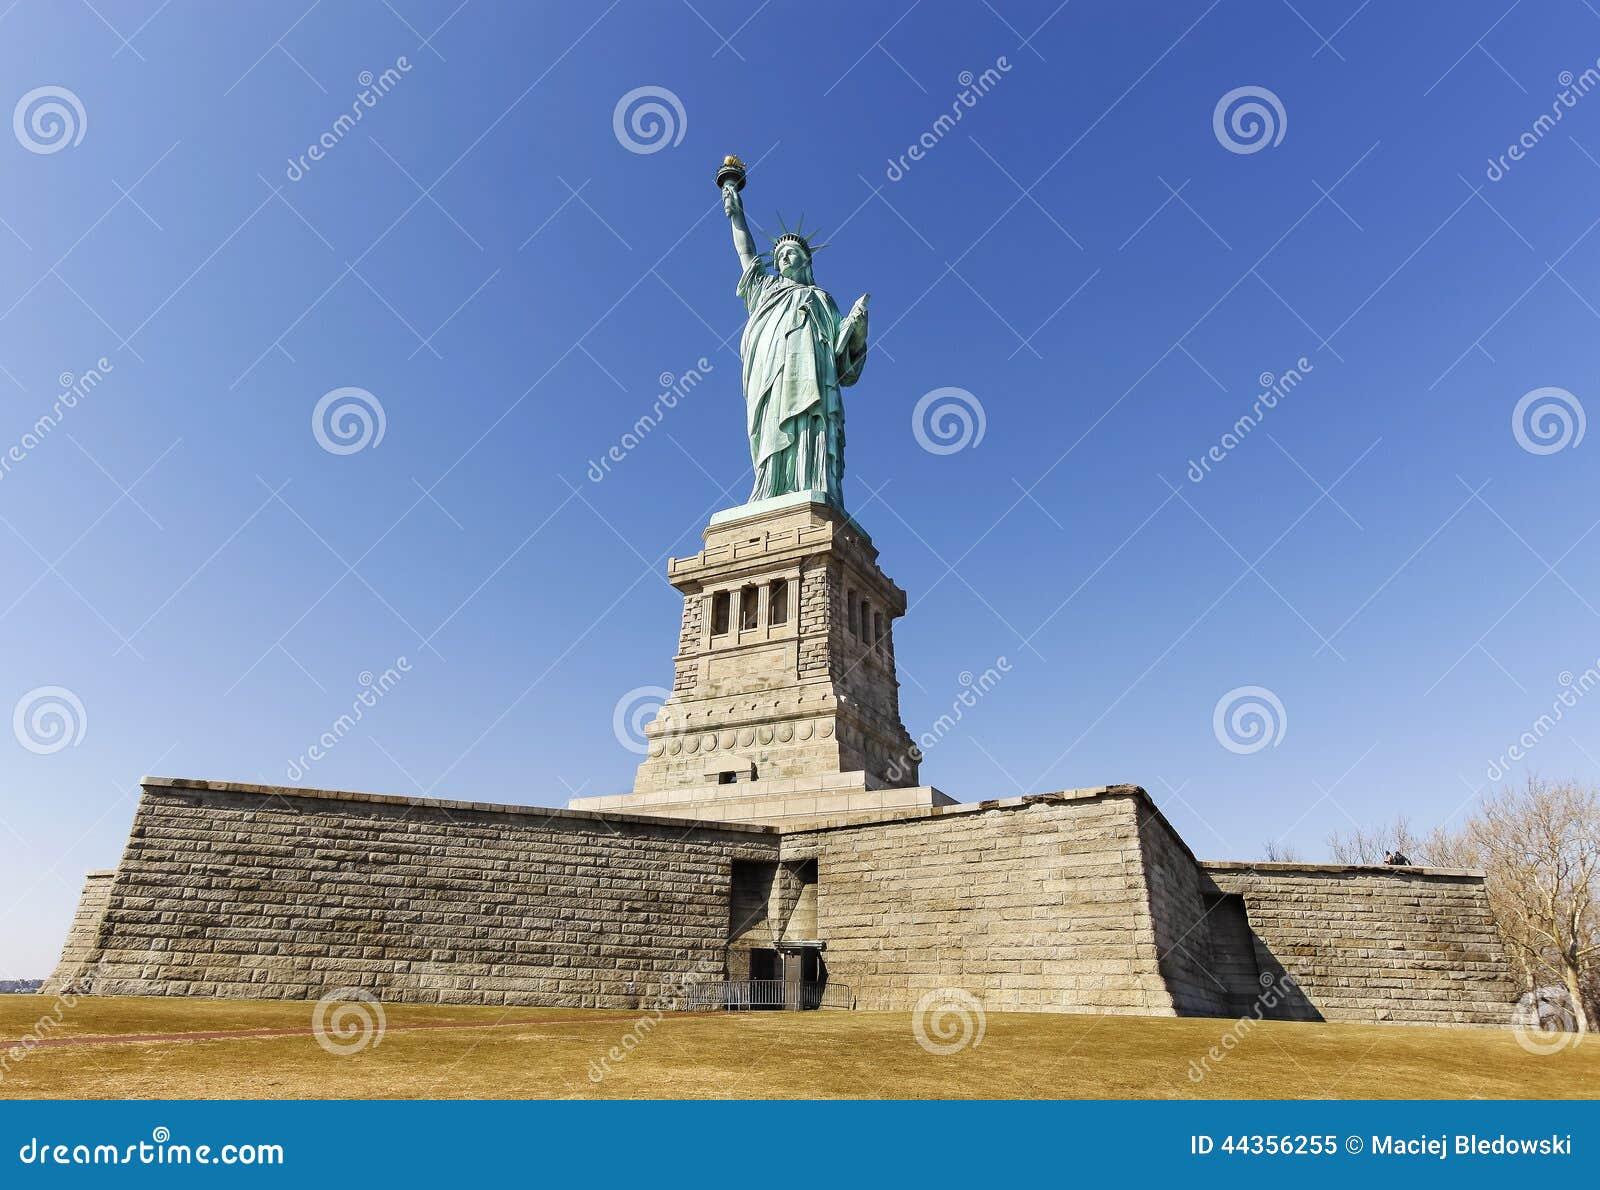 Statua della libertà in New York nel giorno senza nuvole, U.S.A.